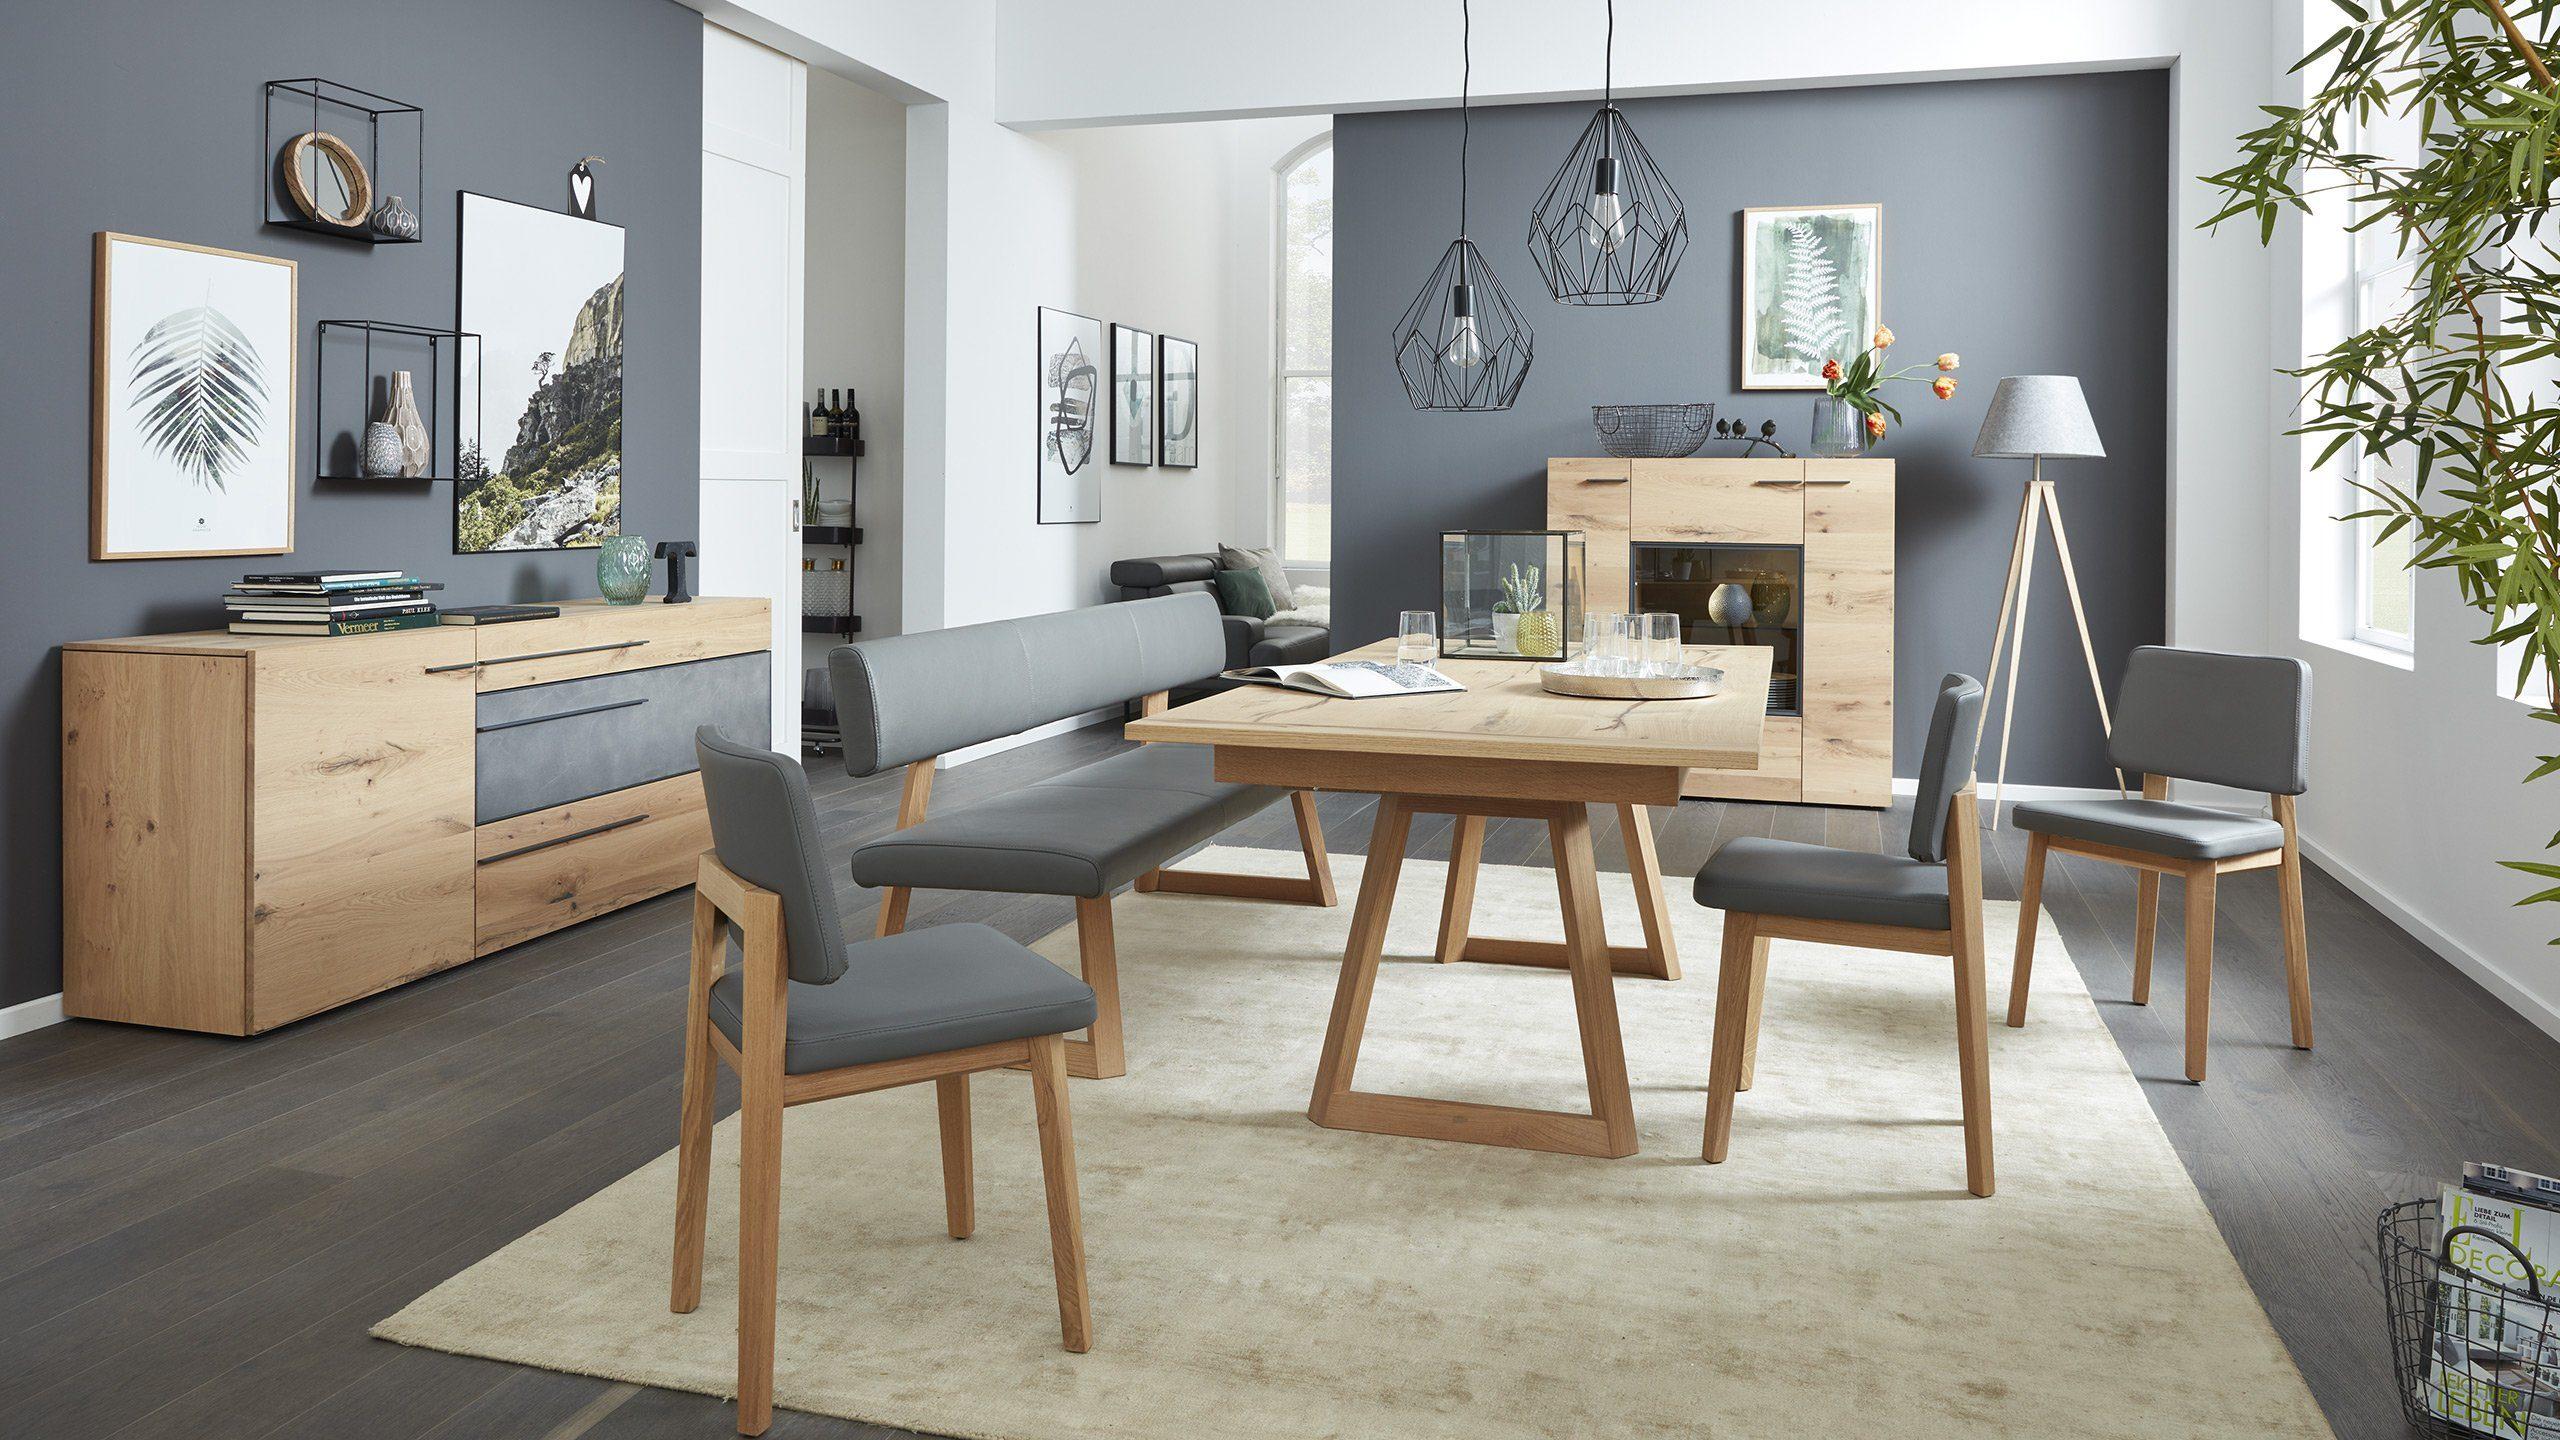 Gemütlicher Essplatz Interliving Möbel Für Mich Gemacht